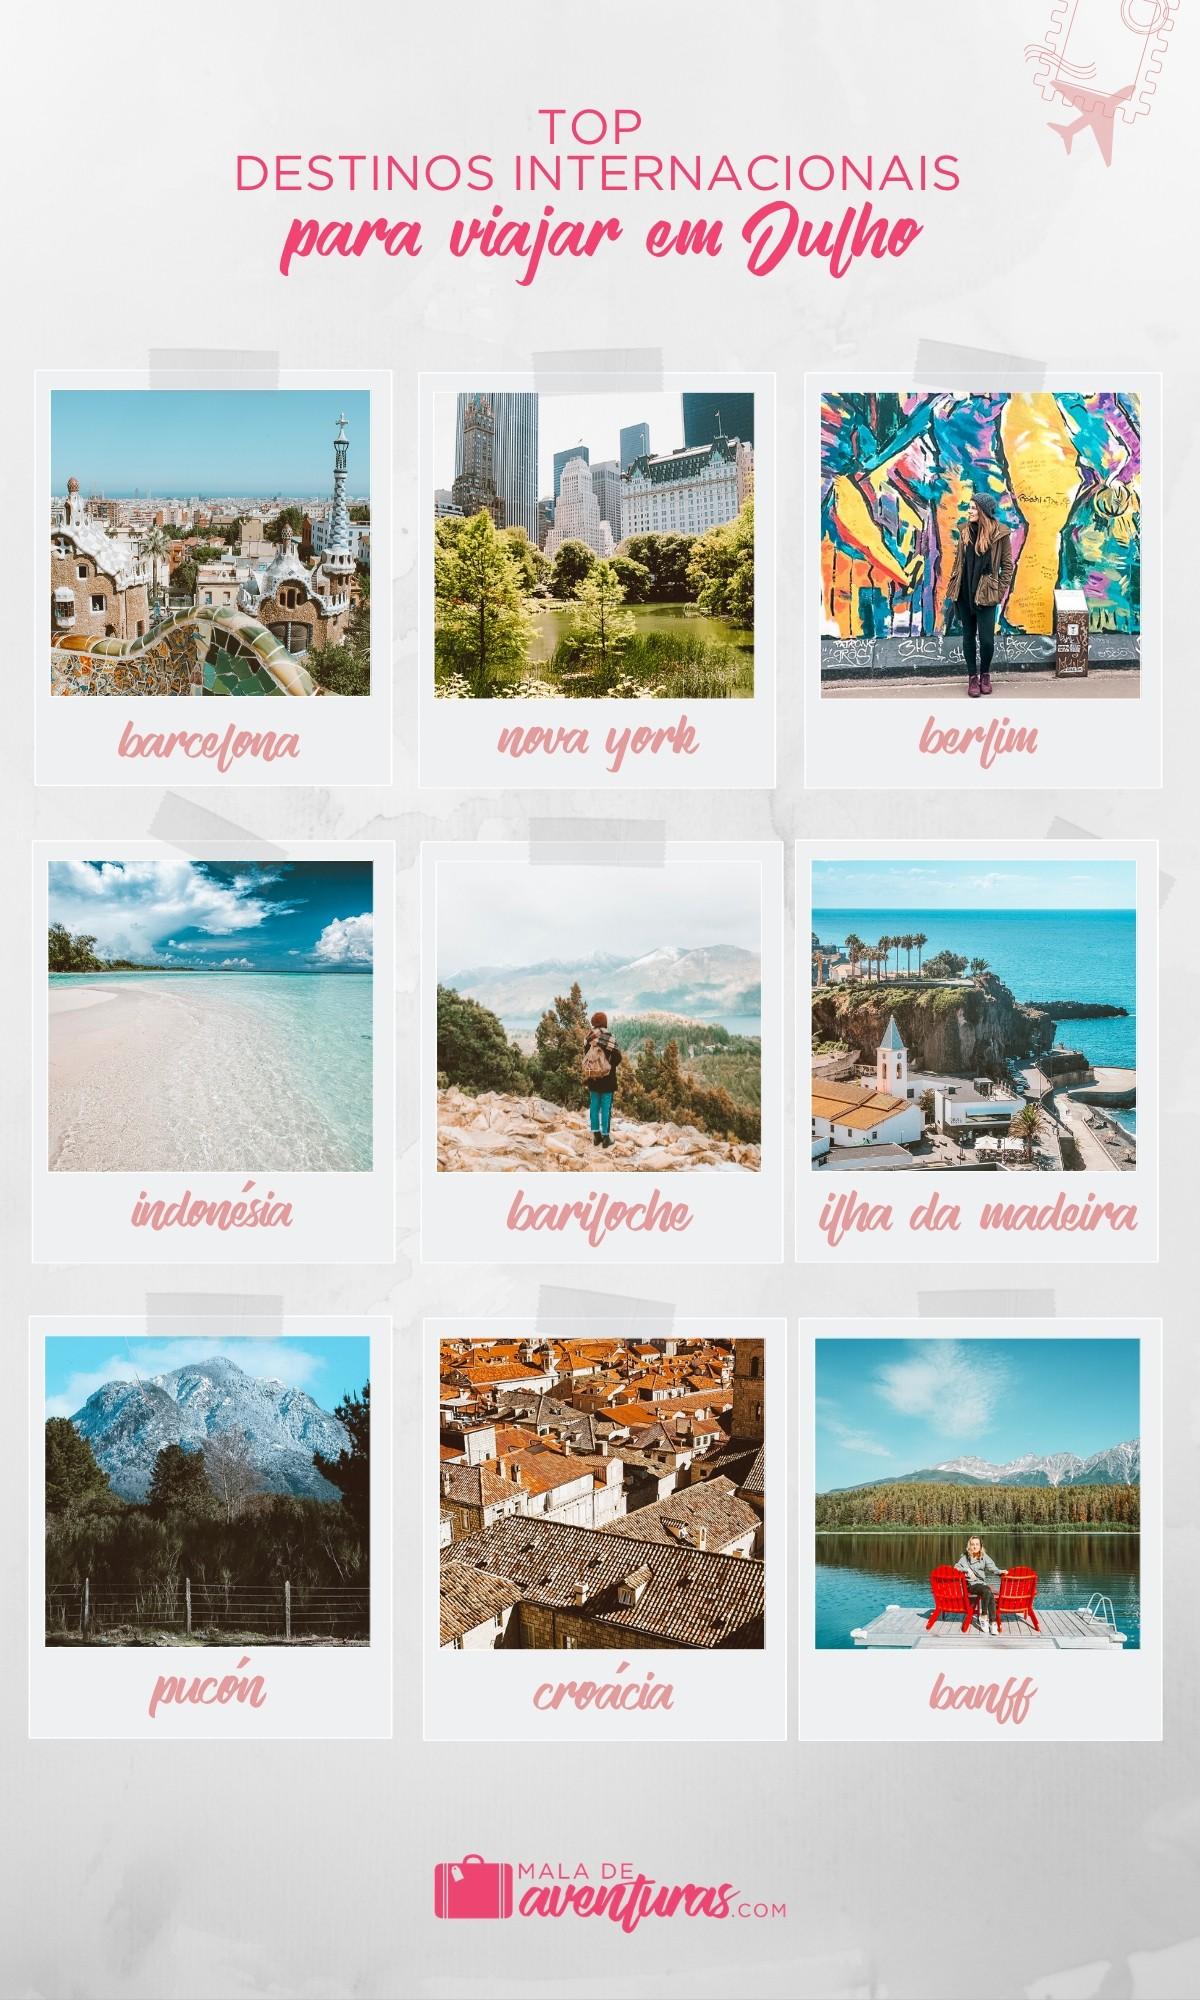 top destinos para viajar em julho no exterior